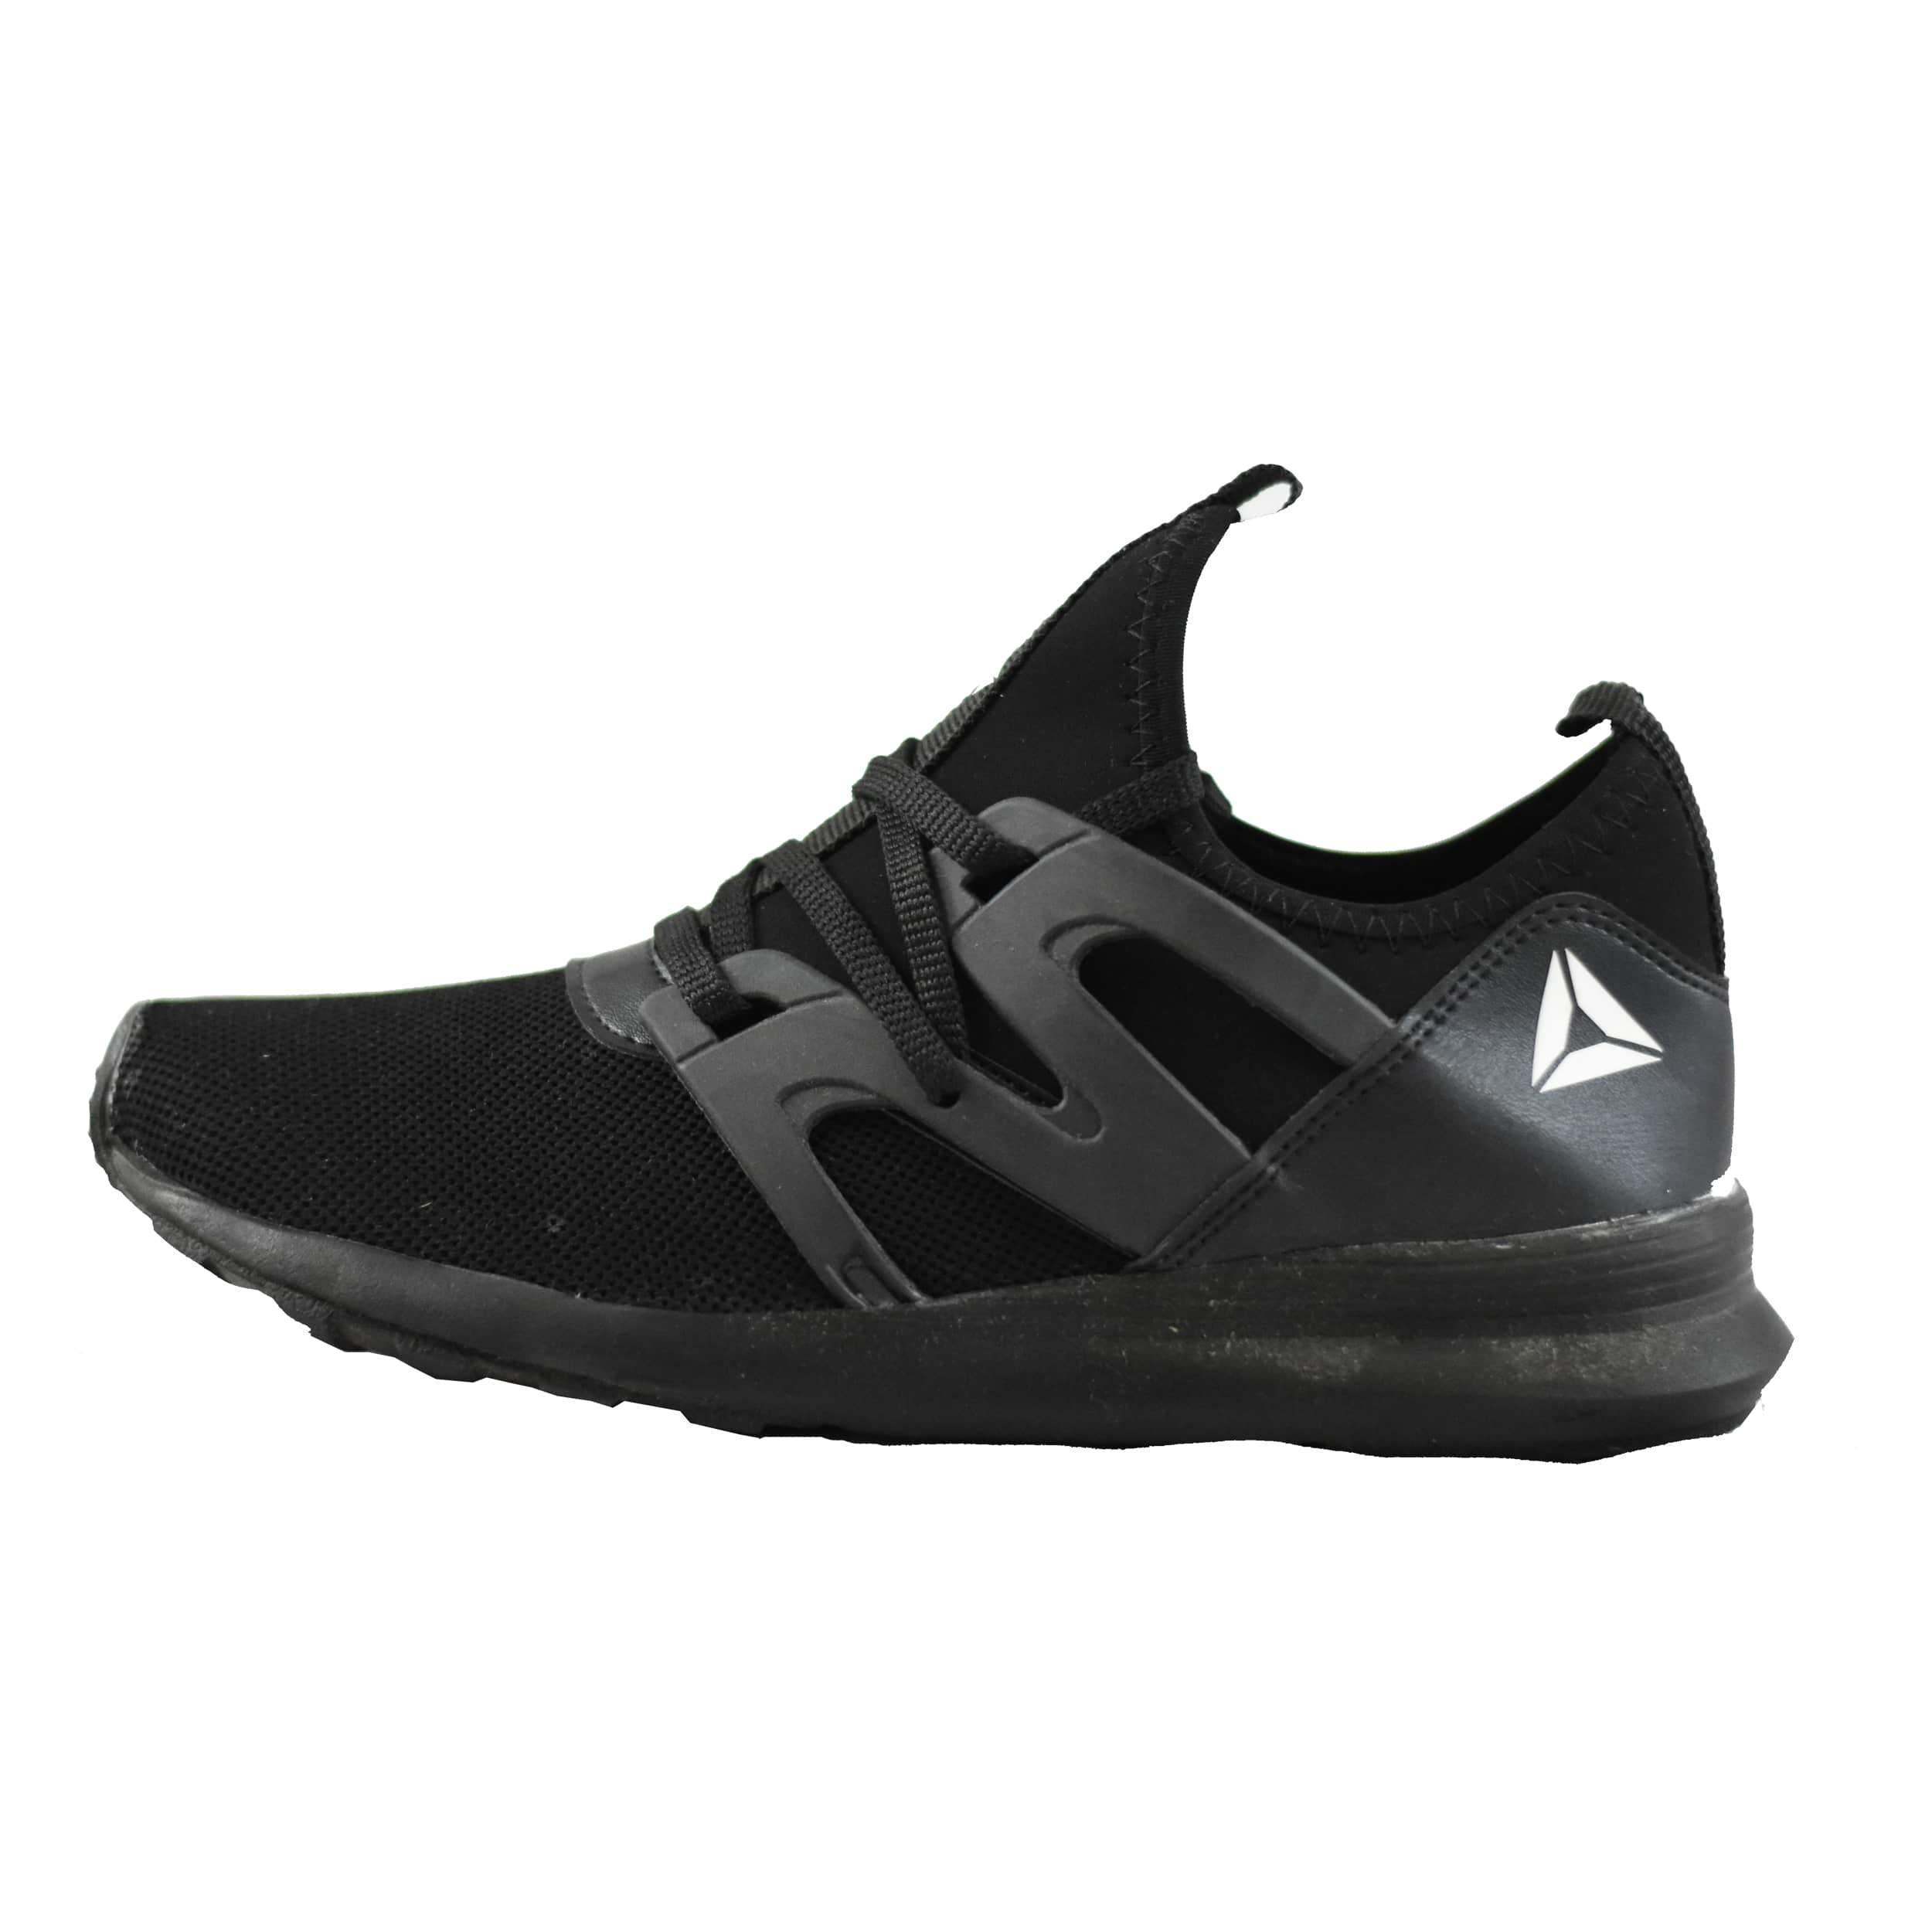 قیمت کفش مخصوص پیاده روی مردانه کد 143m